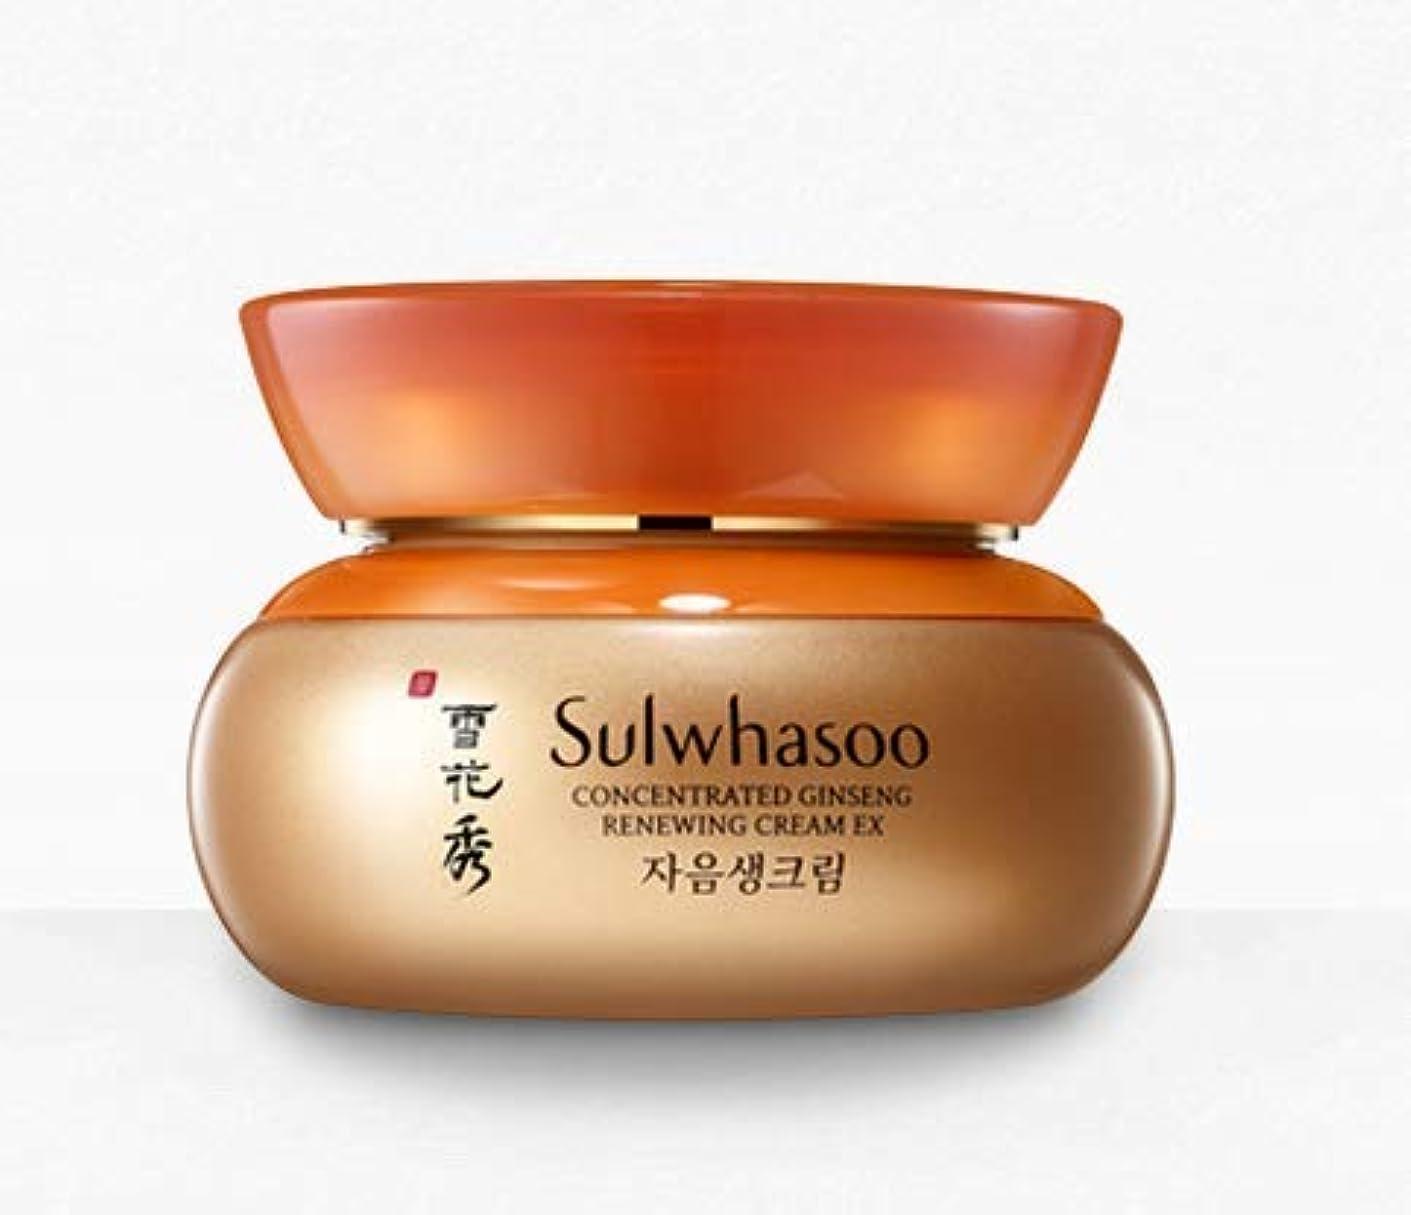 カジュアル名目上の社会[(雪花秀) Sulwhasoo] [ Concentrated GINSENG RENEWING CREAM EX 60ml Anti-aging cream]並行輸入品 [並行輸入品]